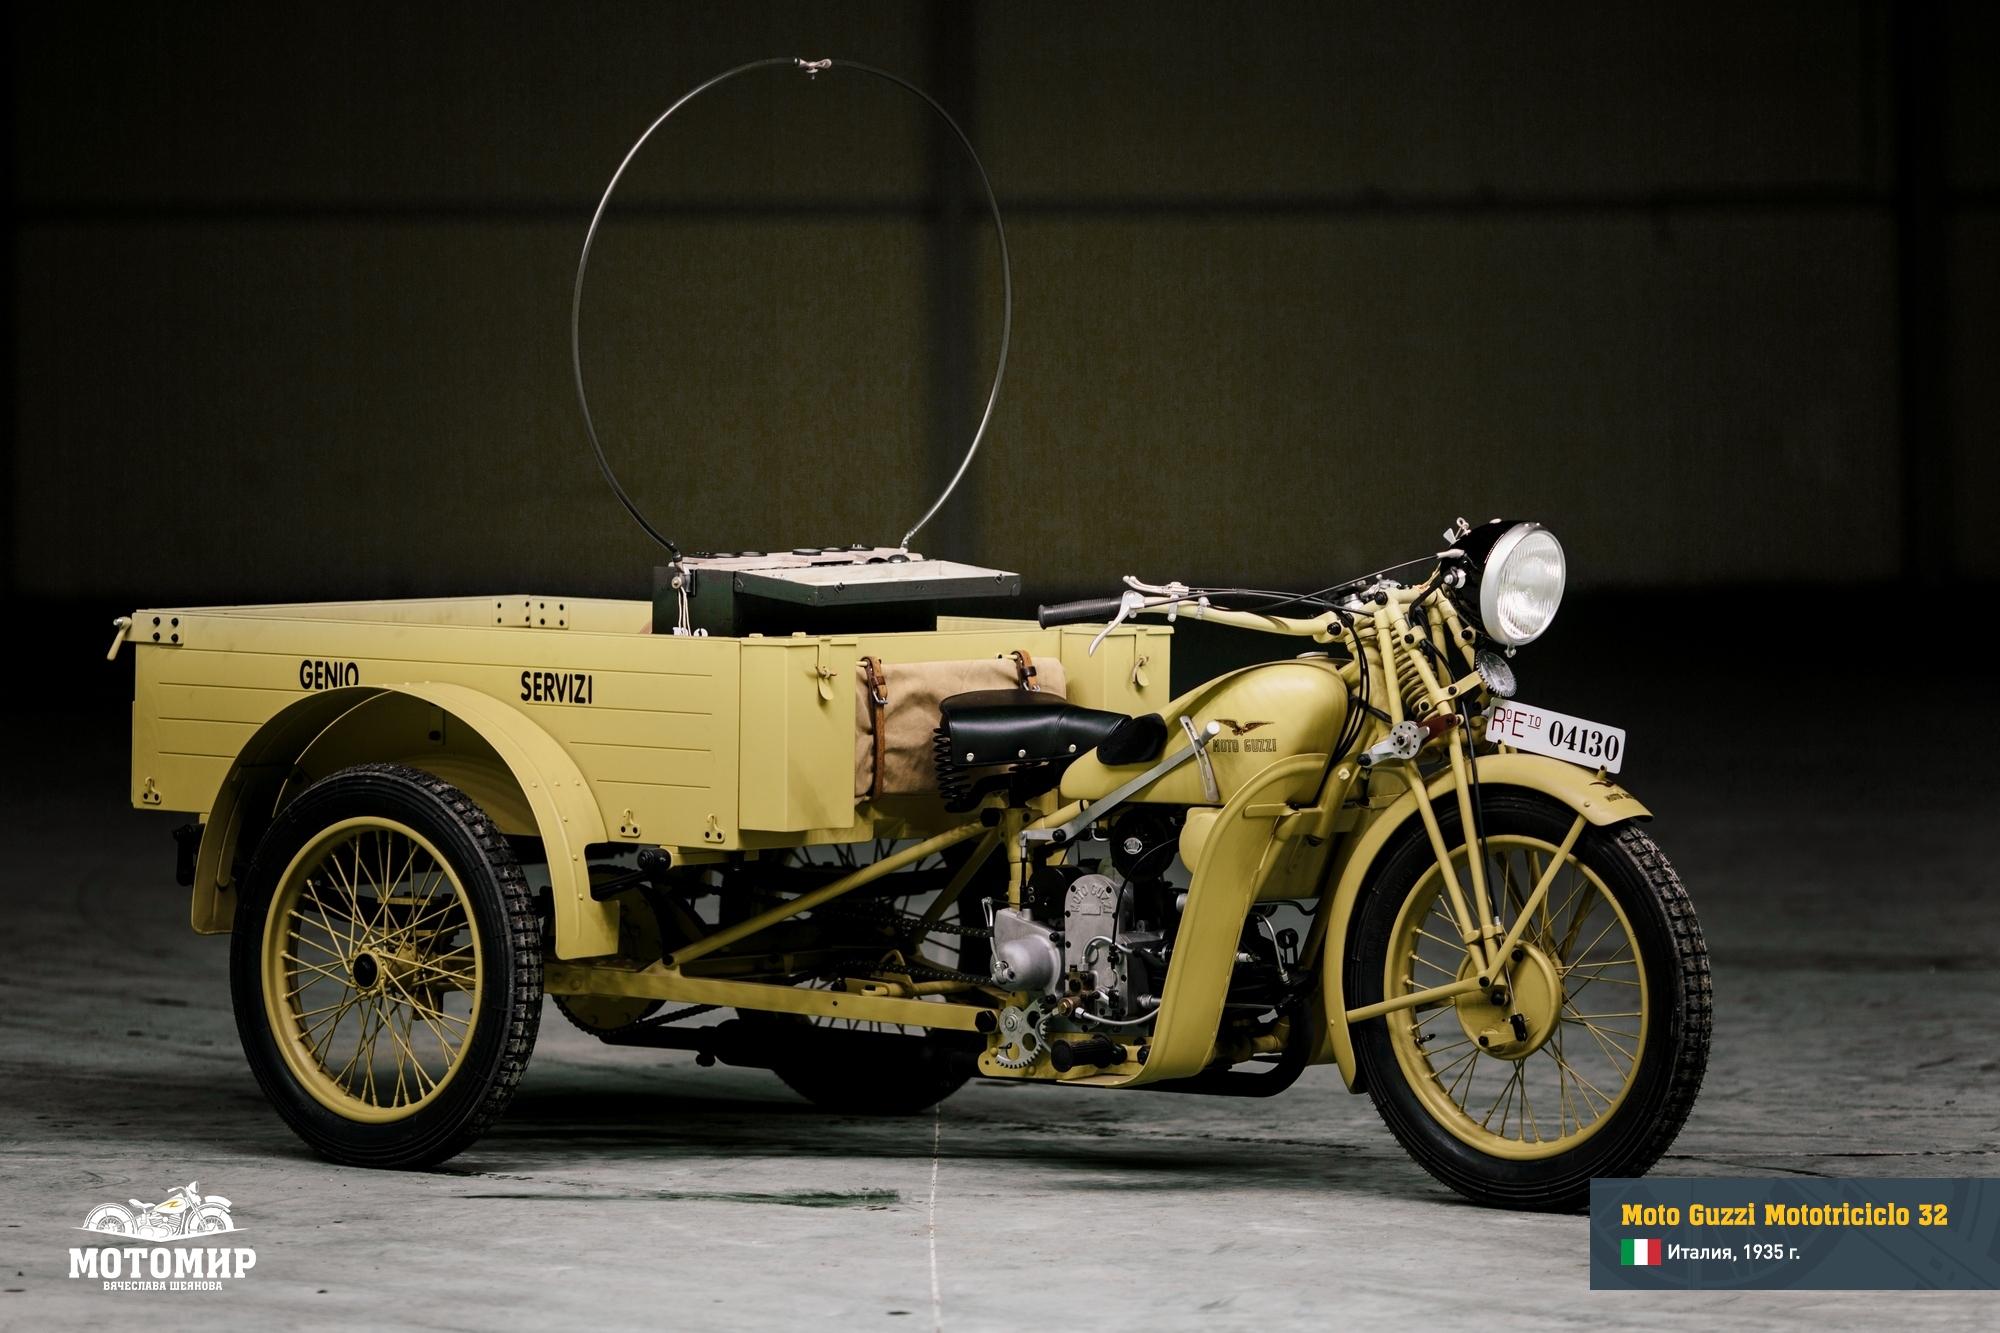 moto-guzzi-mototriciclo-32-web-04